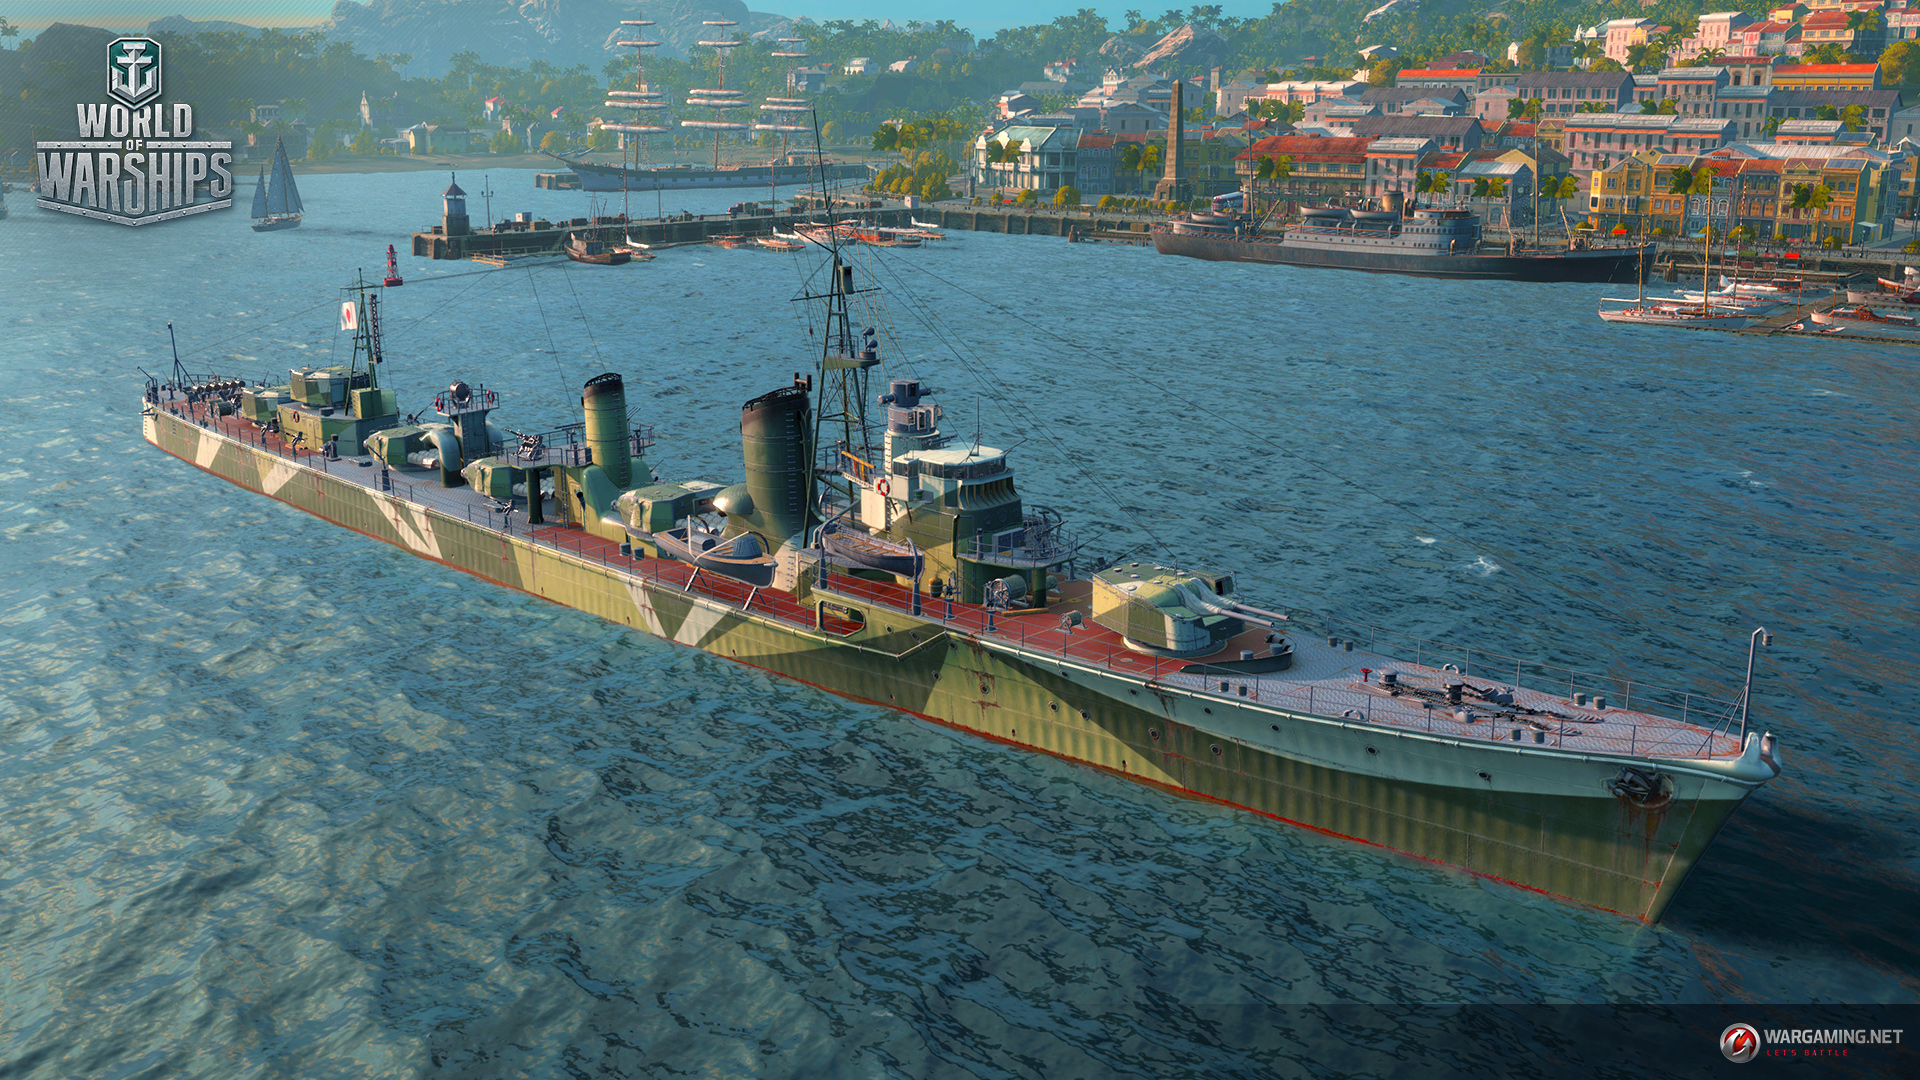 战舰世界亚服072日系战舰的迷彩预览